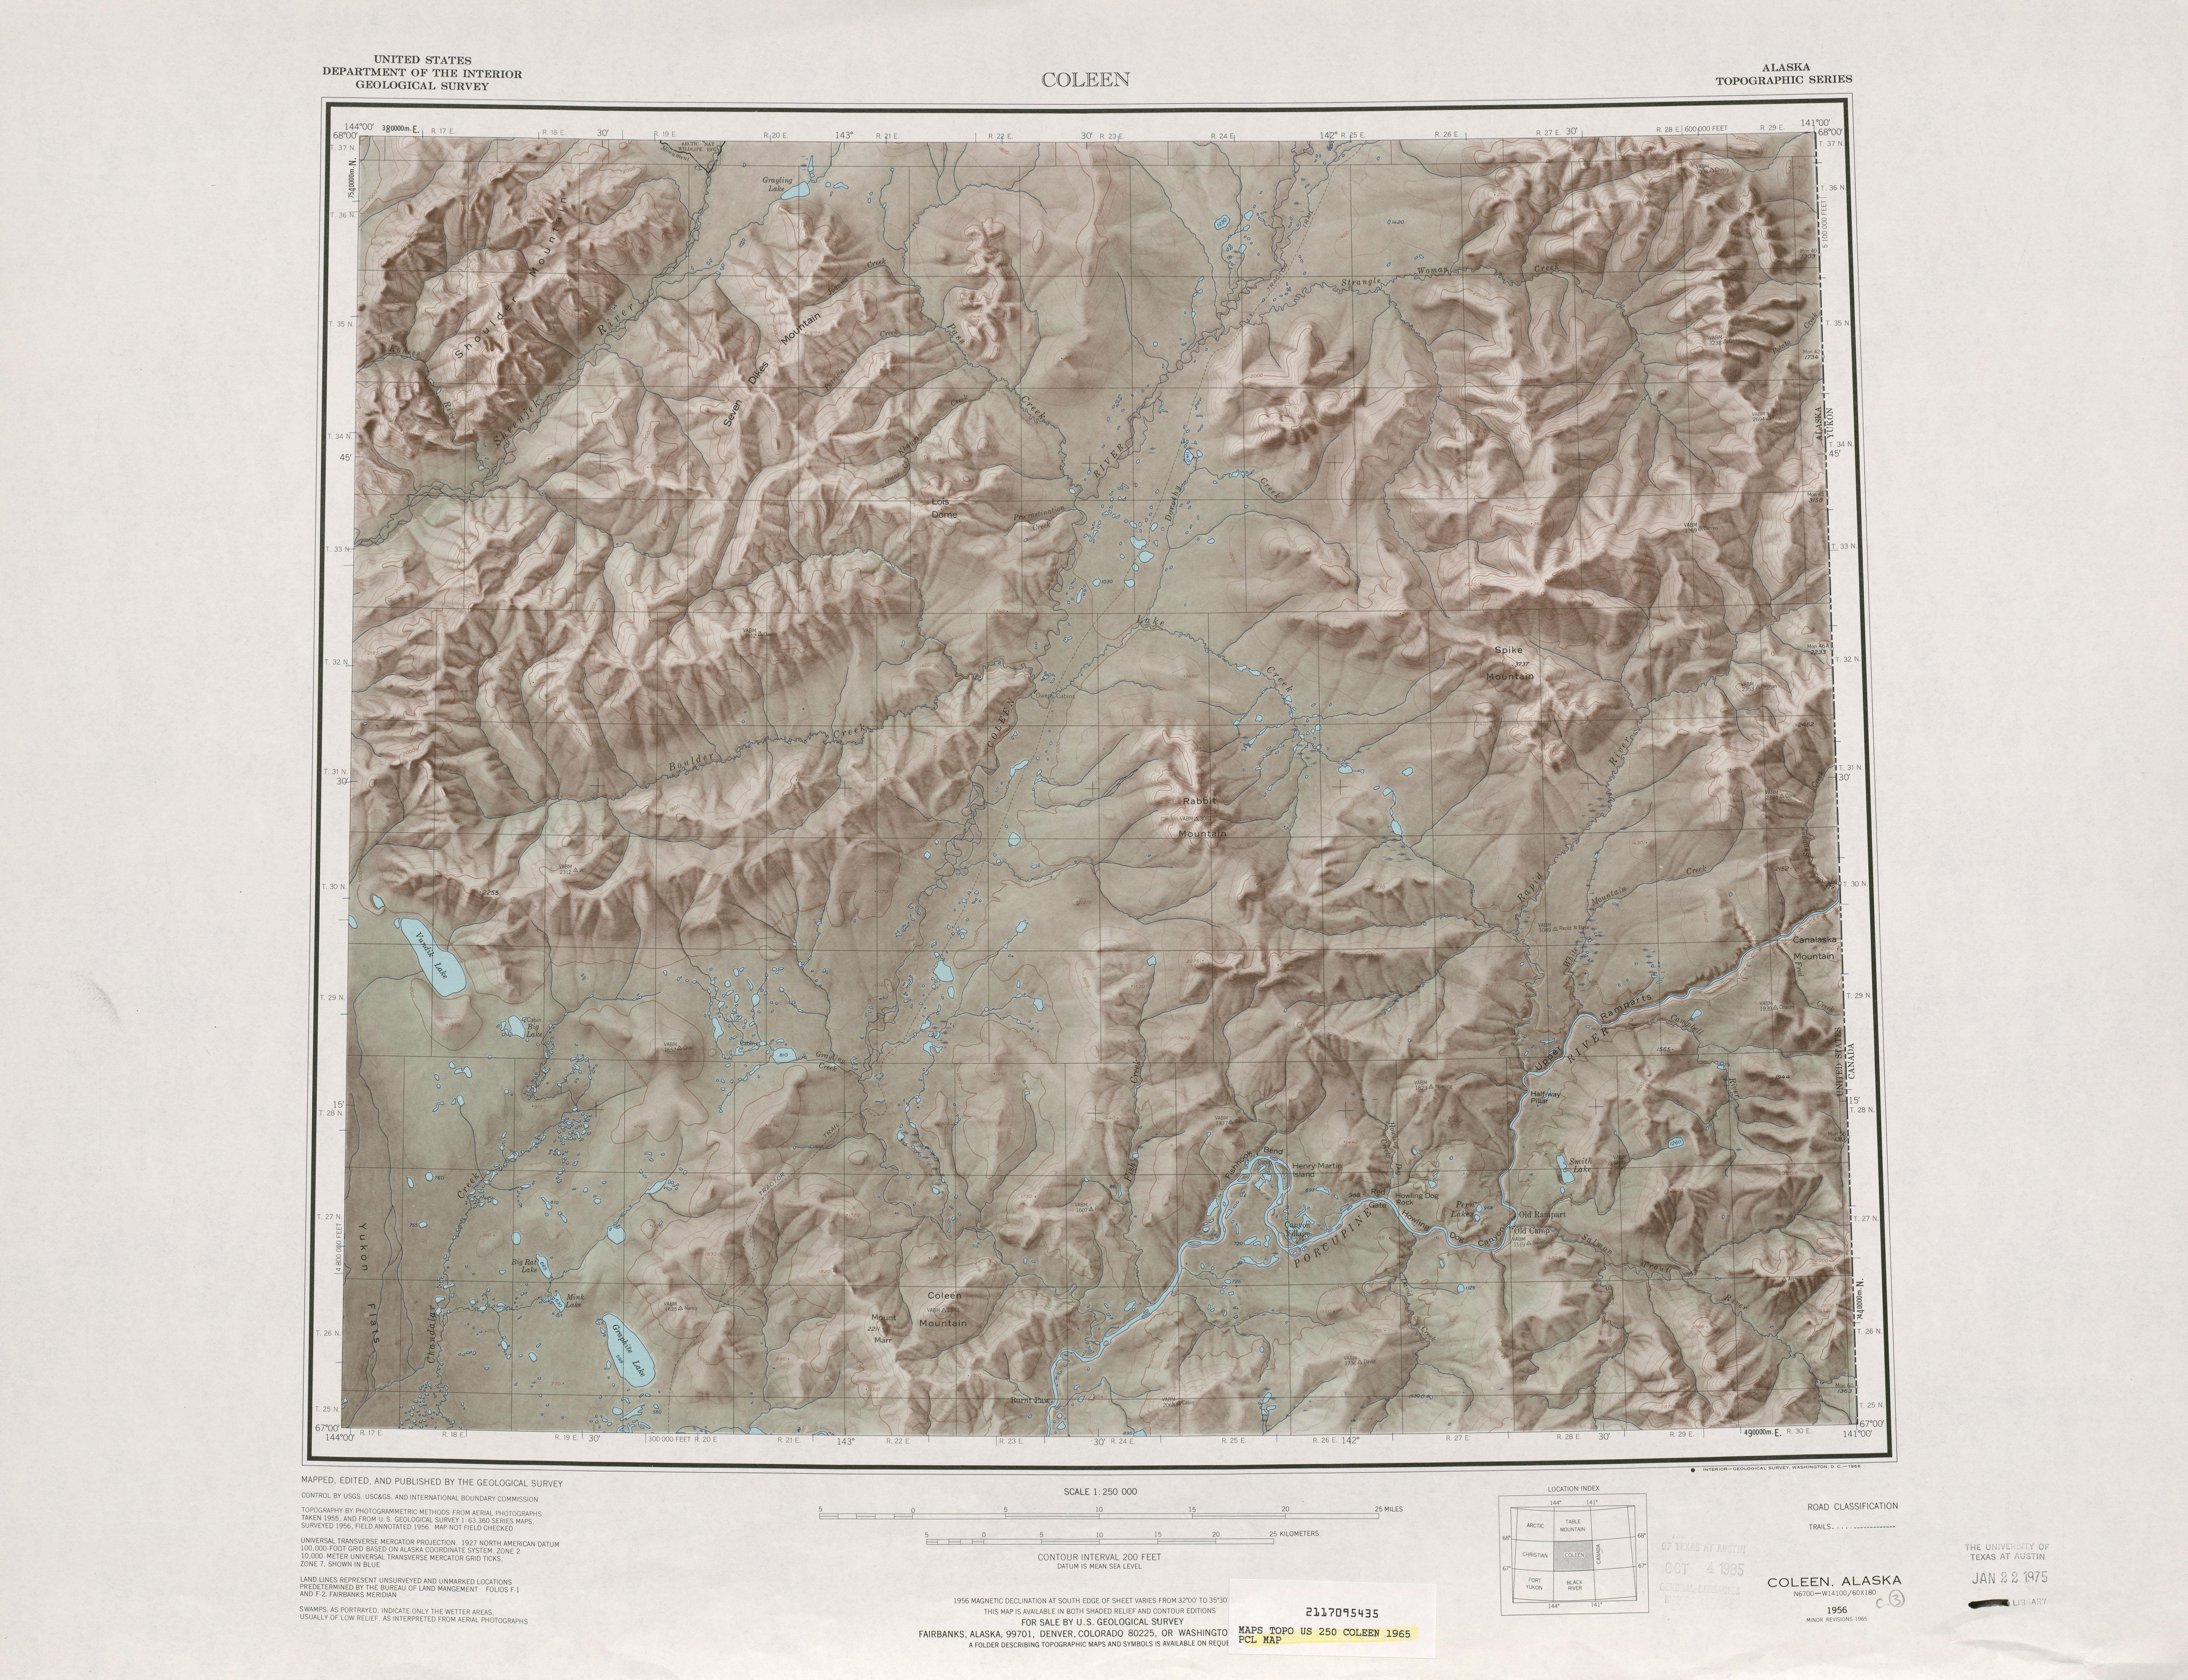 Hoja Coleen del Mapa de Relieve Sombreado de los Estados Unidos 1965